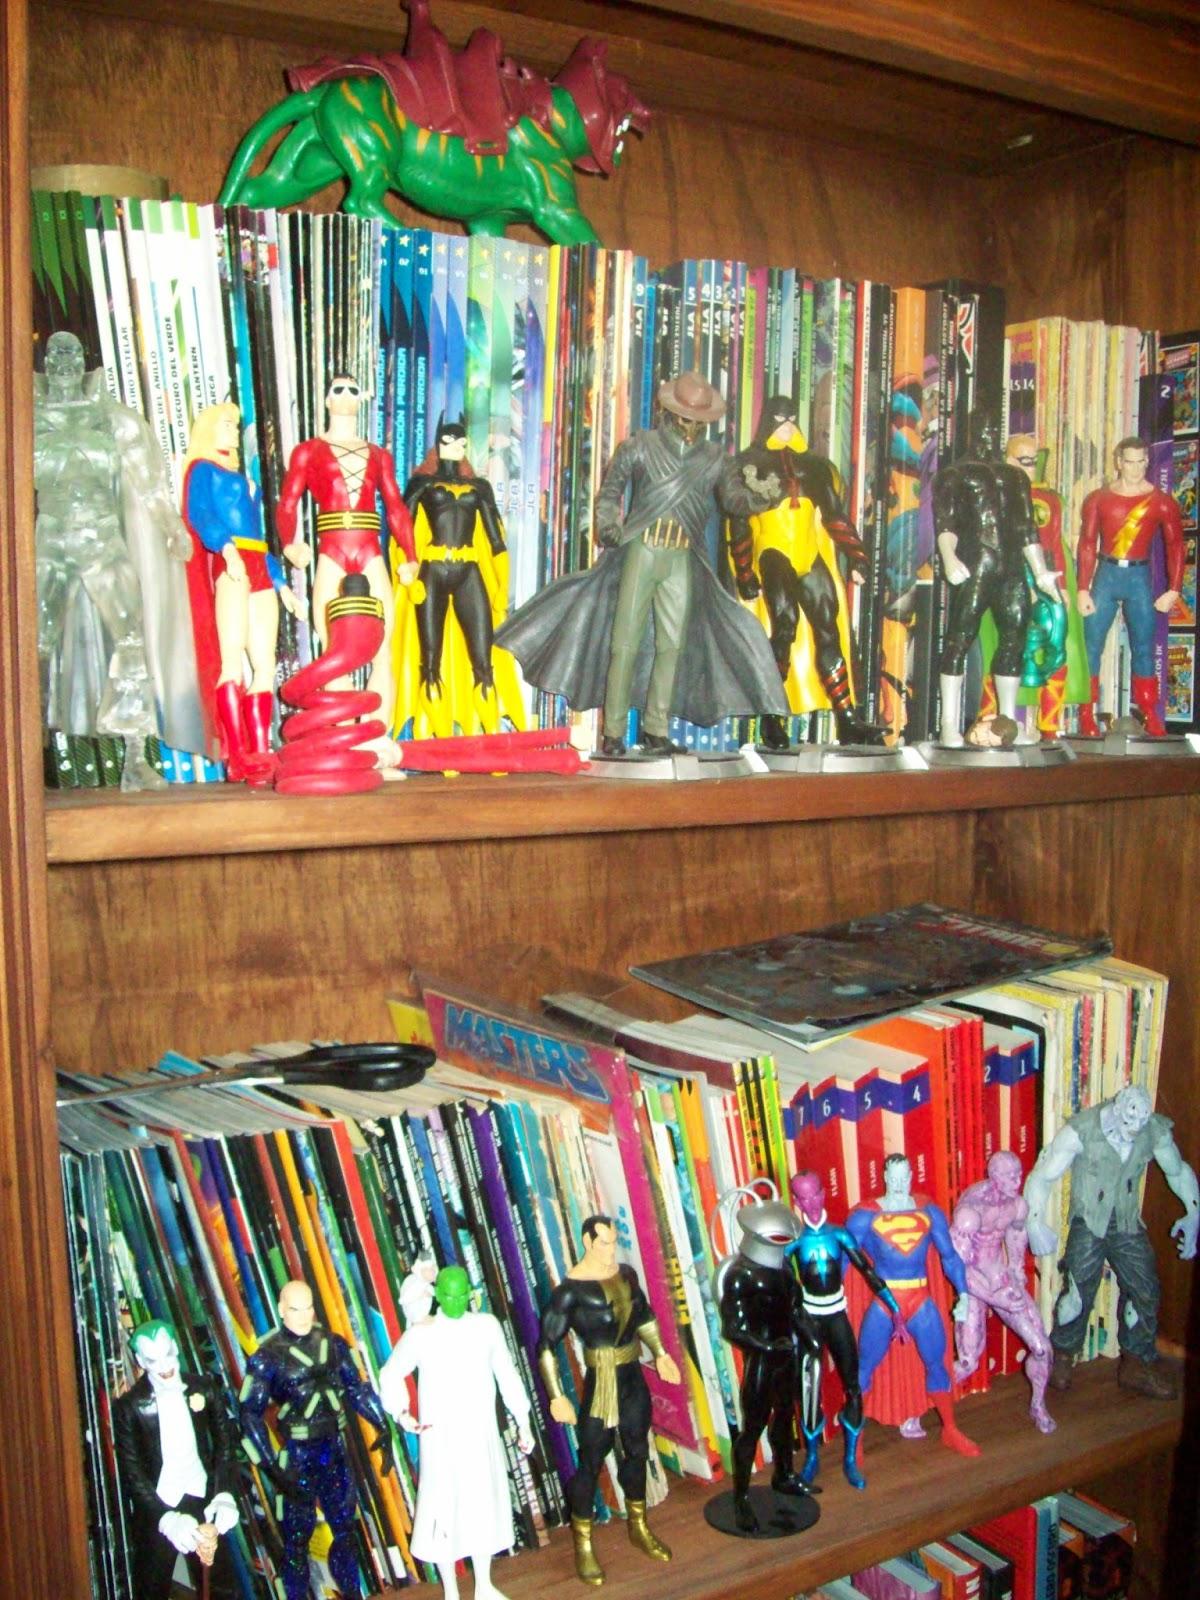 [COMICS] Colecciones de Comics ¿Quién la tiene más grande?  - Página 6 100_5468